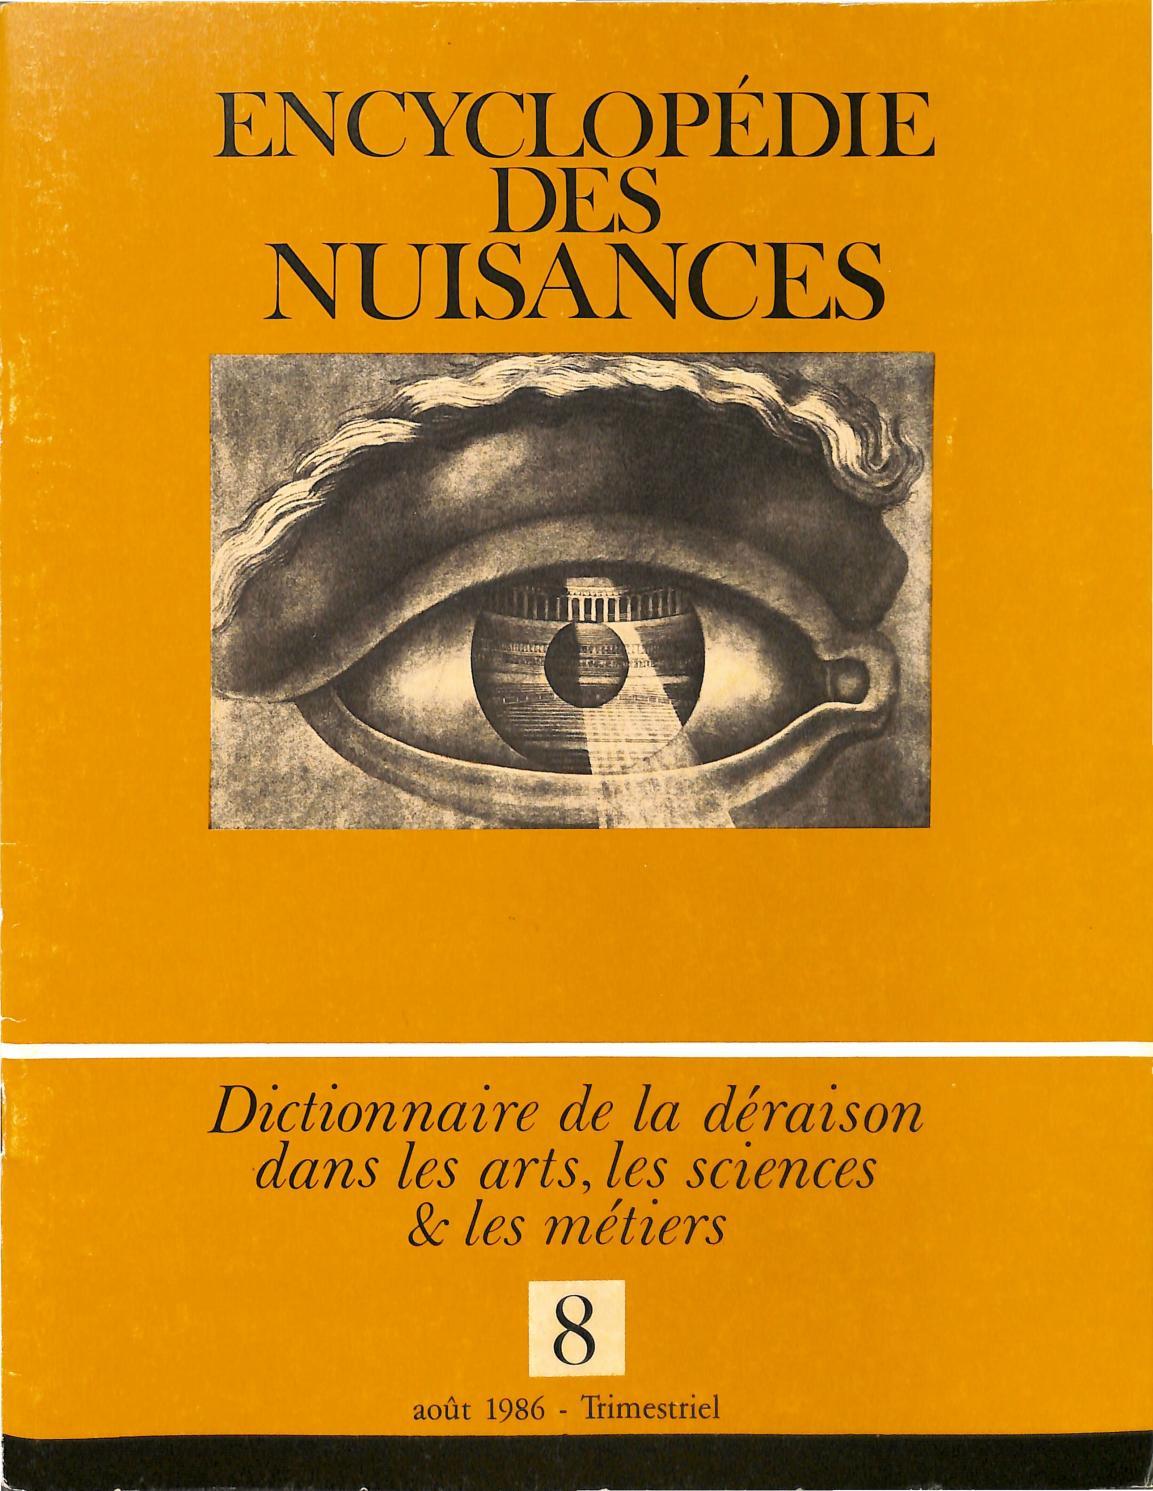 Encyclopédie des Nuissances 08 by casserdesbriques com - issuu